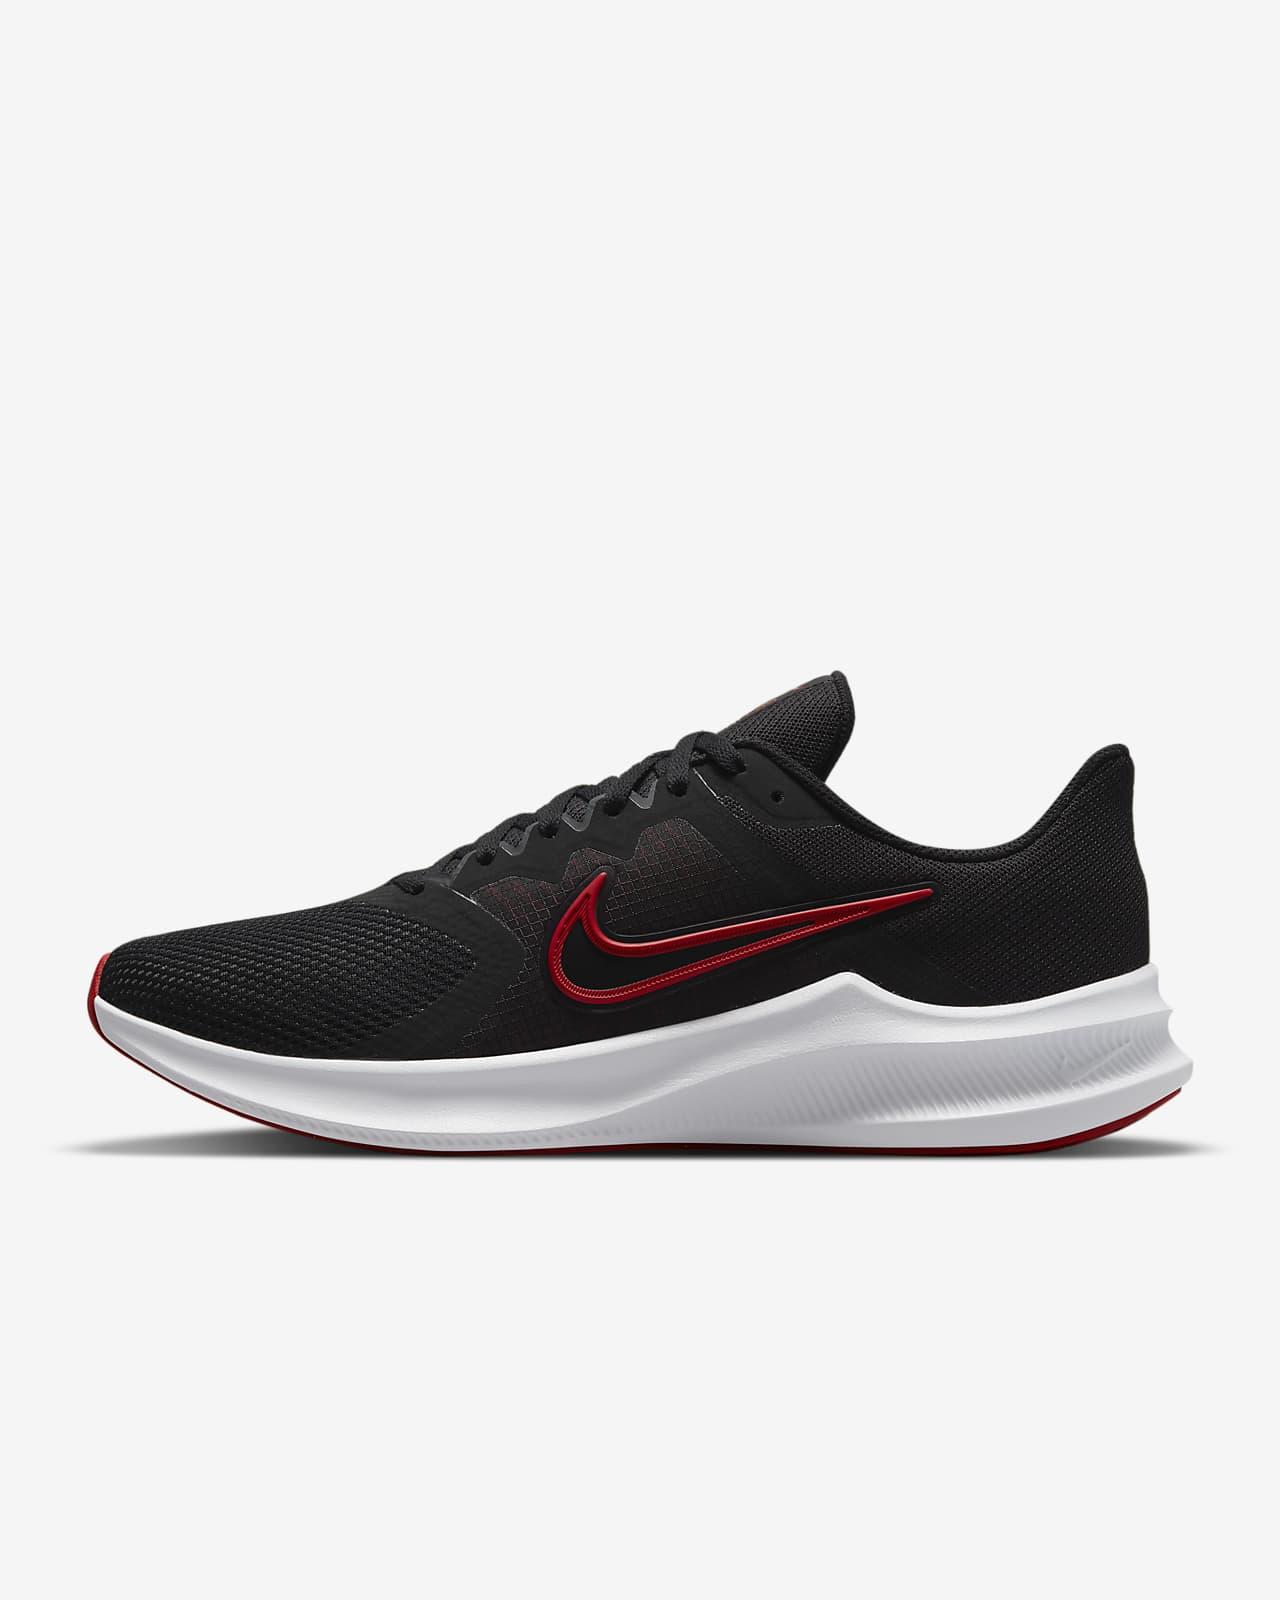 Nike Downshifter 11 Men's Running Shoe